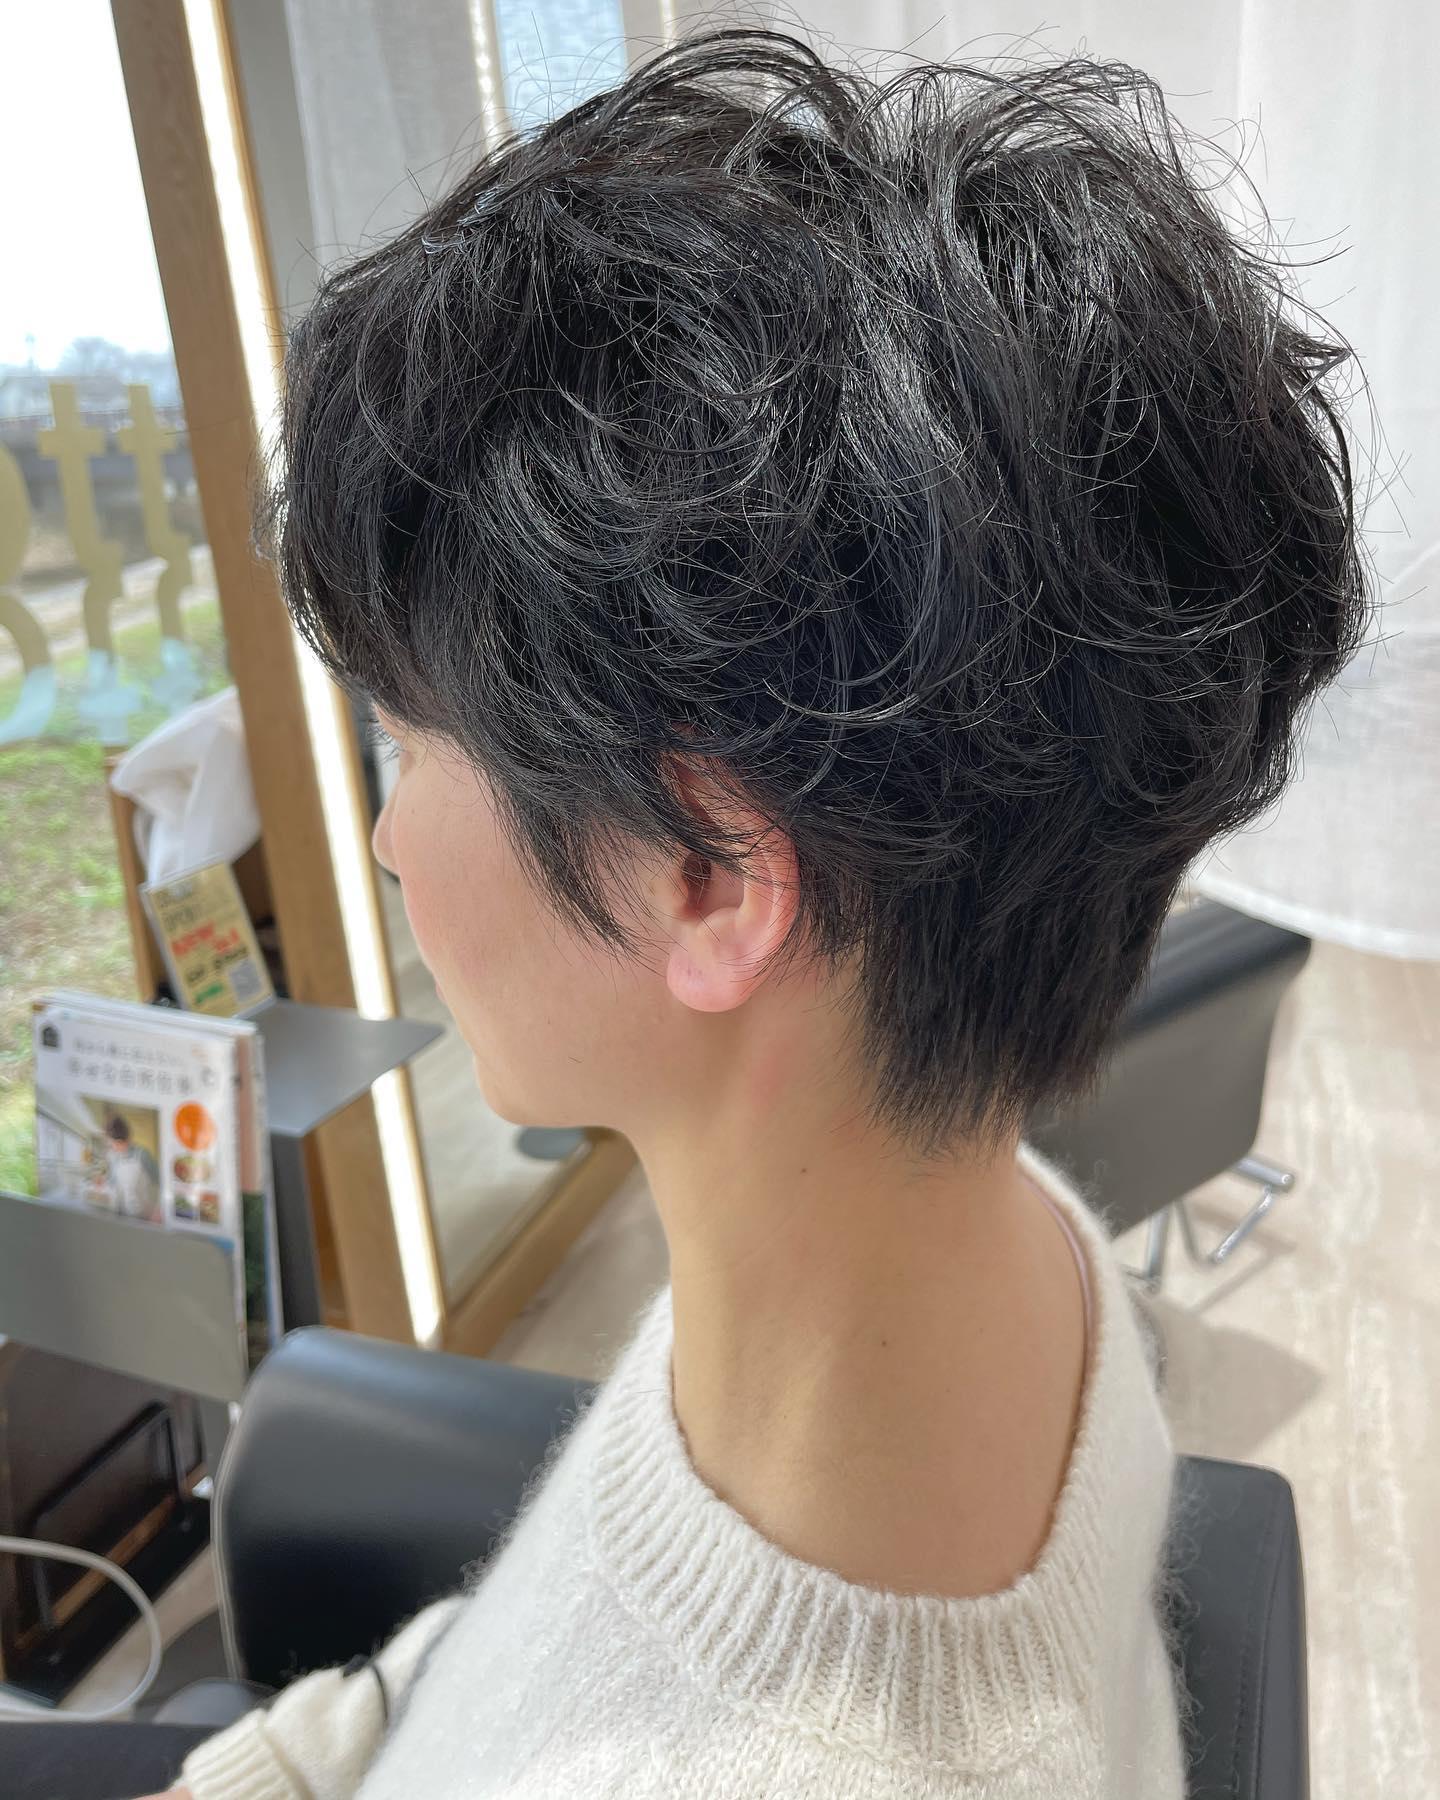 ショートパーマ♀️..#ショートヘア #パーマ#黒髪#綺麗..〠627-0004京丹後市峰山町荒山1220-1︎0772608704close:Wednesday